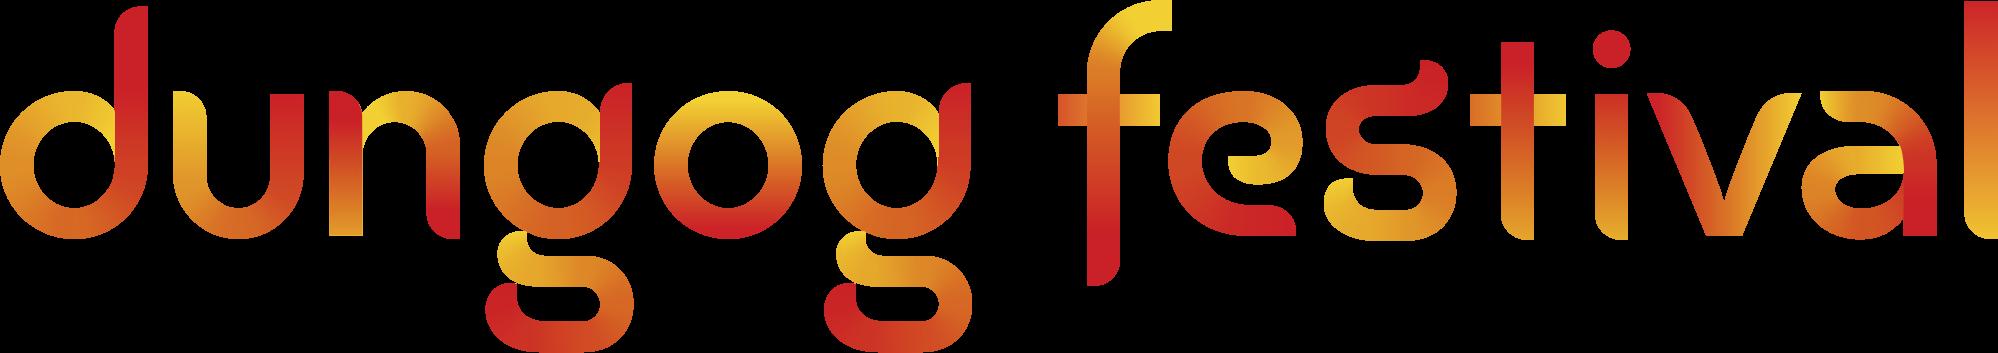 DFB-Logo-160512-FC-GRAD-POS-1 Tier-RGB.png